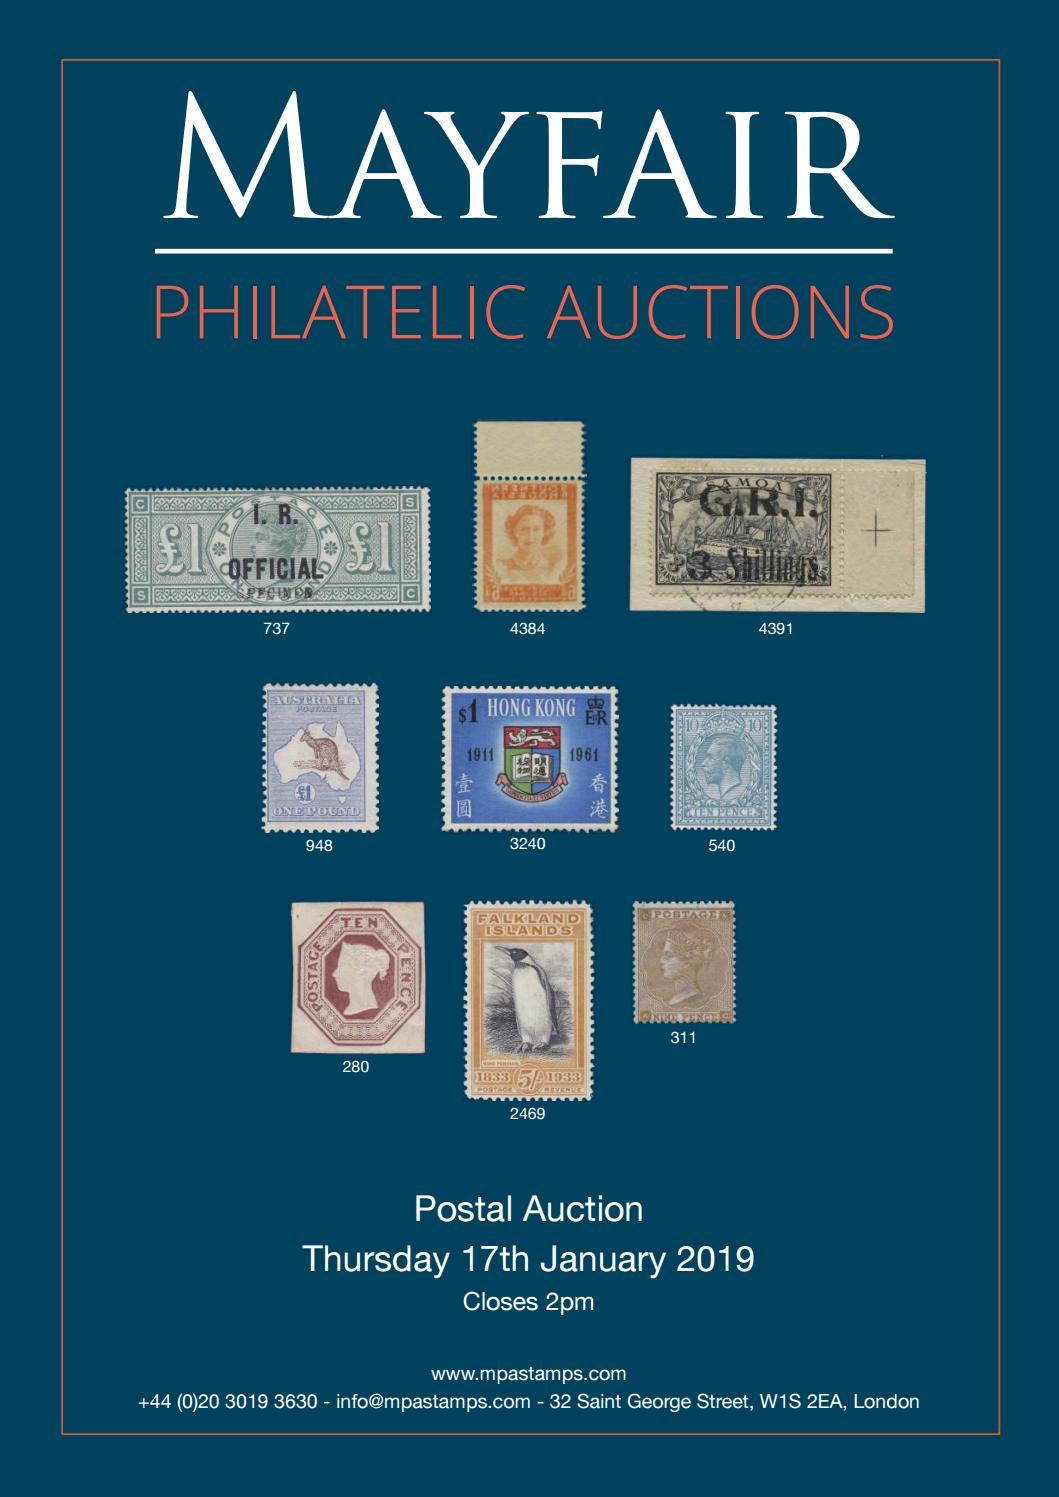 8d802abd8b9 Mayfair Philatelic Postal Auction by Mayfair Philatelic Auctions - issuu